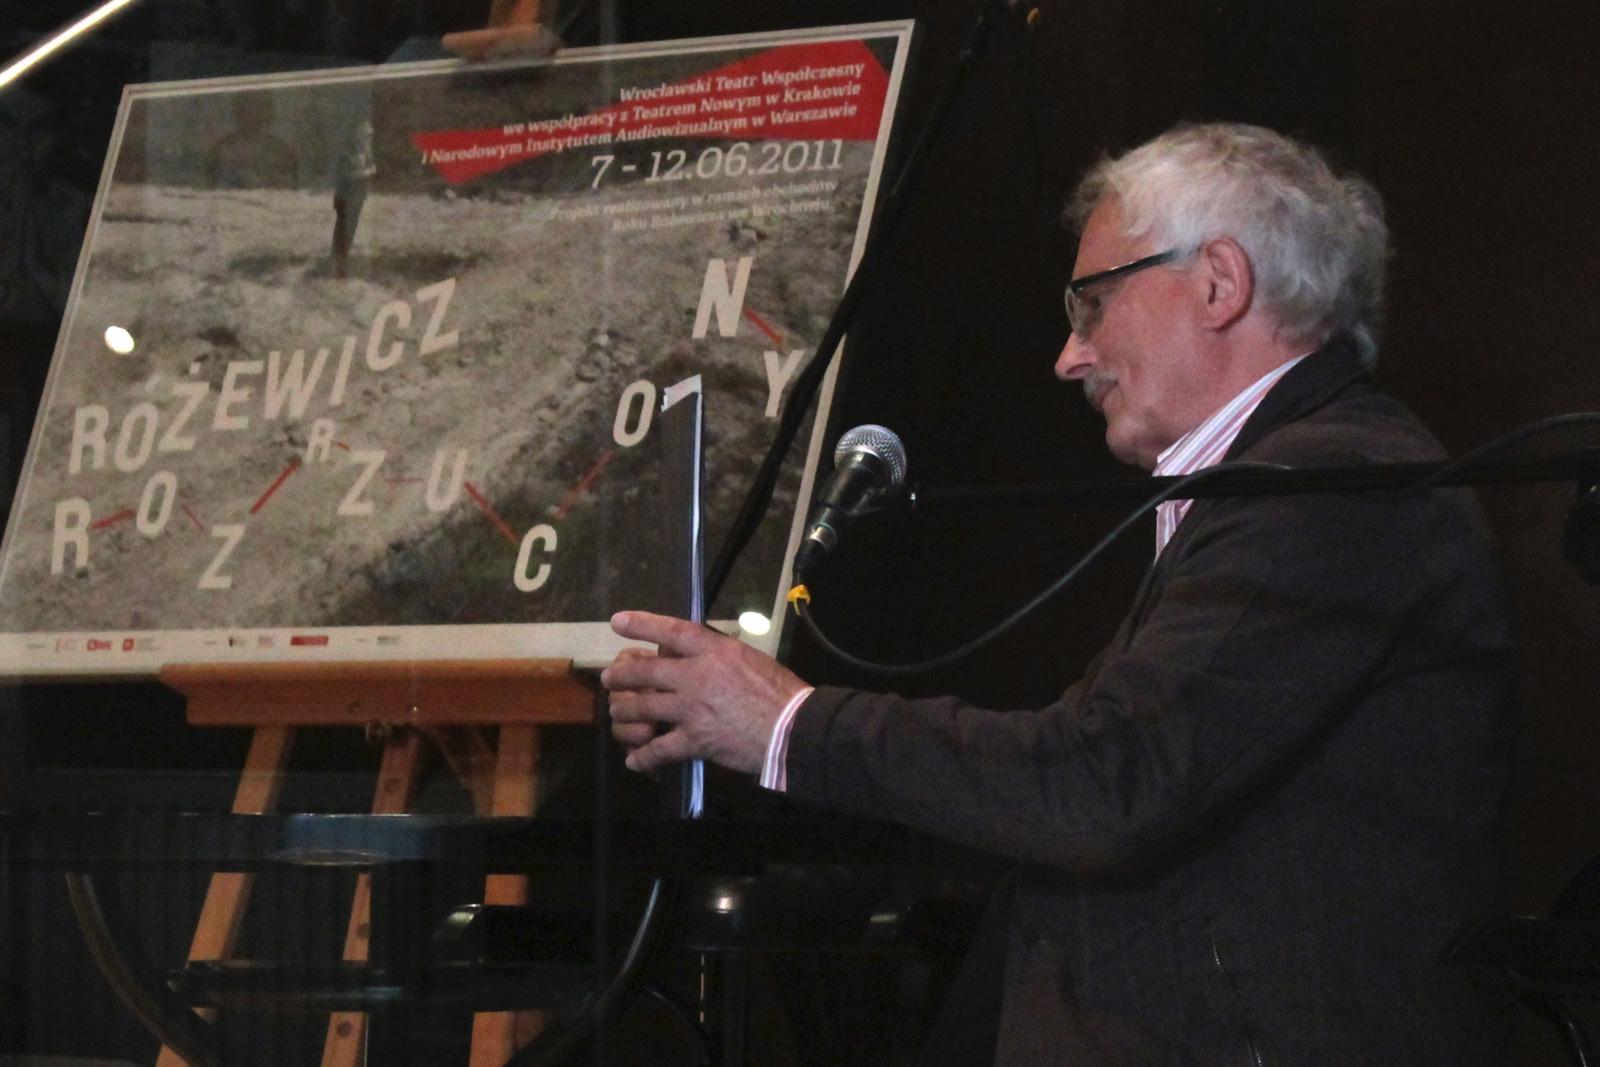 Fotorelacja Różewicz Rozrzucony, fot. Sabin Kluszczyński